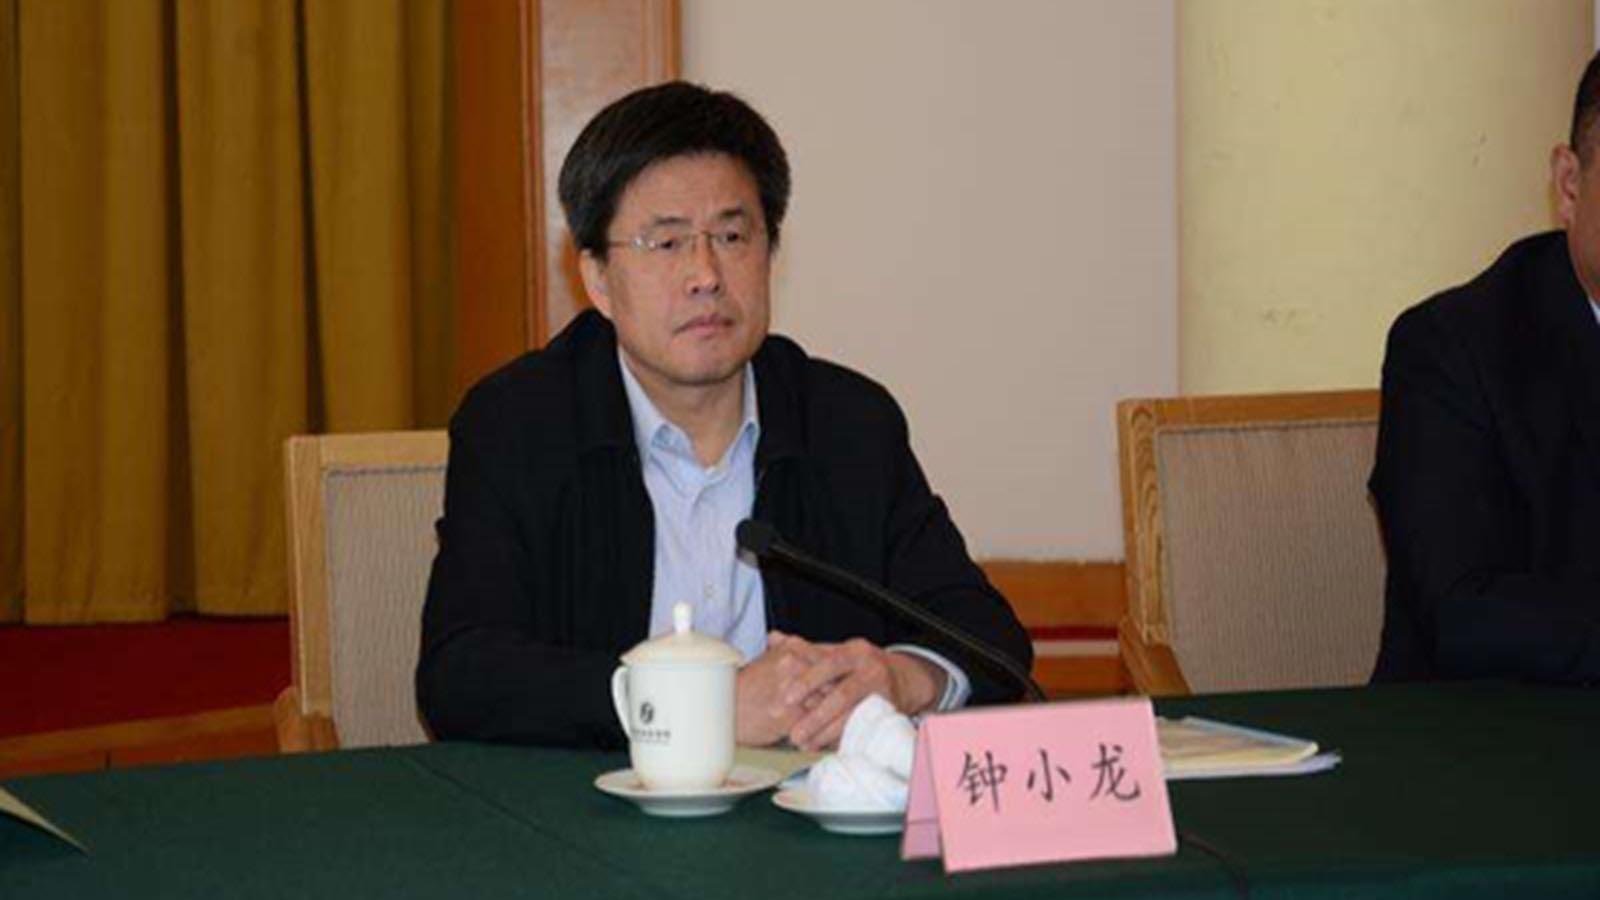 原國家開發銀行山東分行黨委書記兼行長鍾小龍。(Public Domain)